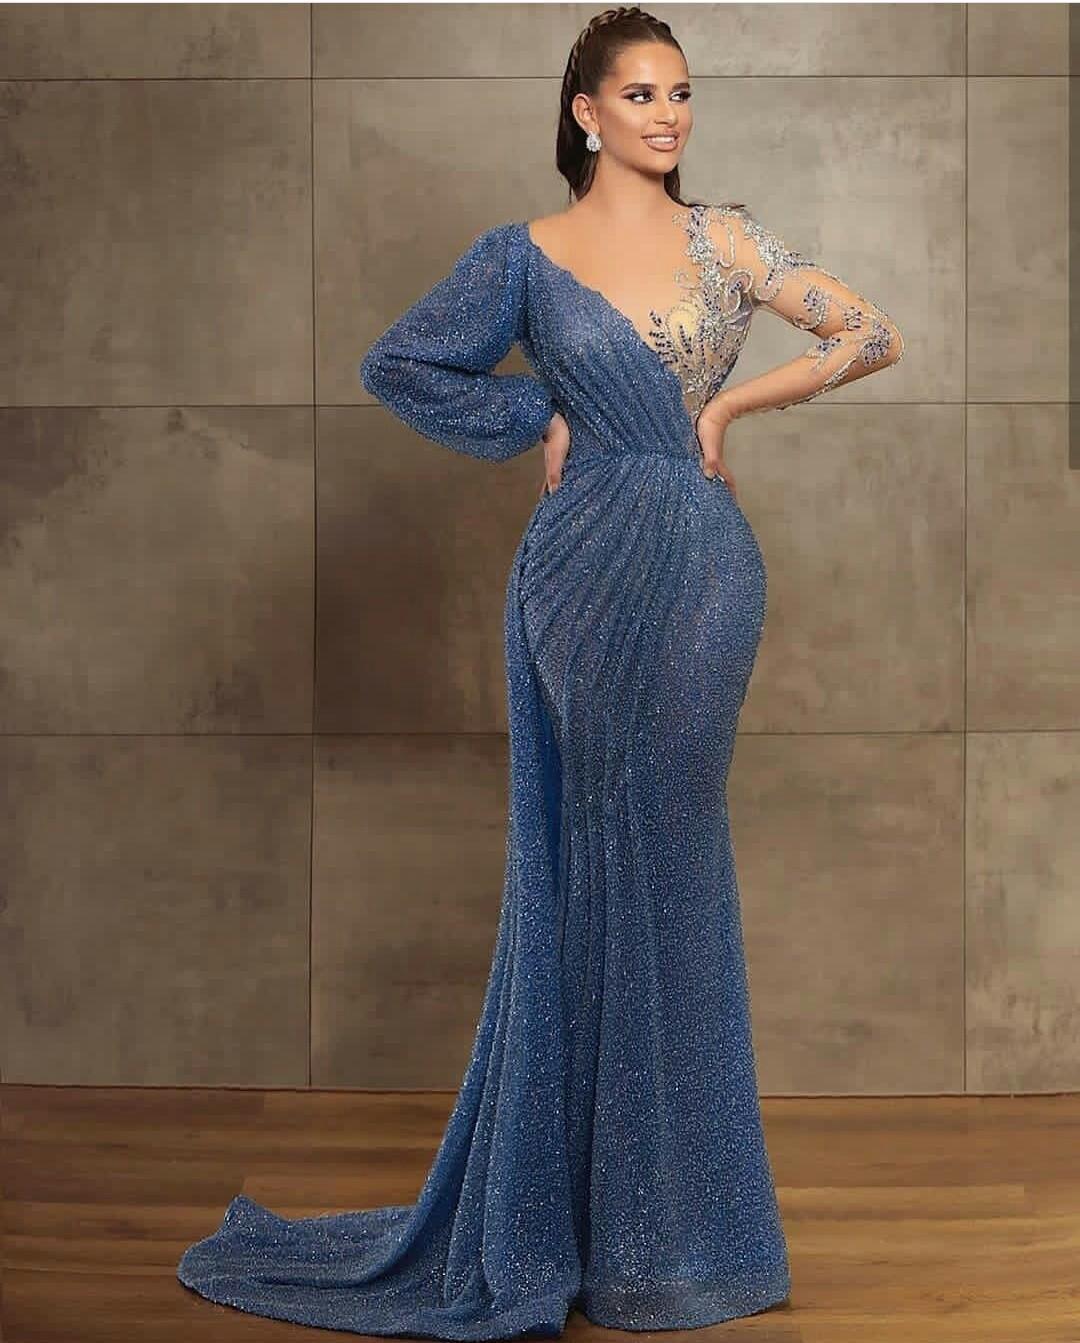 2021 Neue blaue Abendkleider Jewel Hals Perlen Pailletten Spitze Langarm Mermaid Prom Dress Sweep Zug Benutzerdefinierte Illusion Robe de Soirée